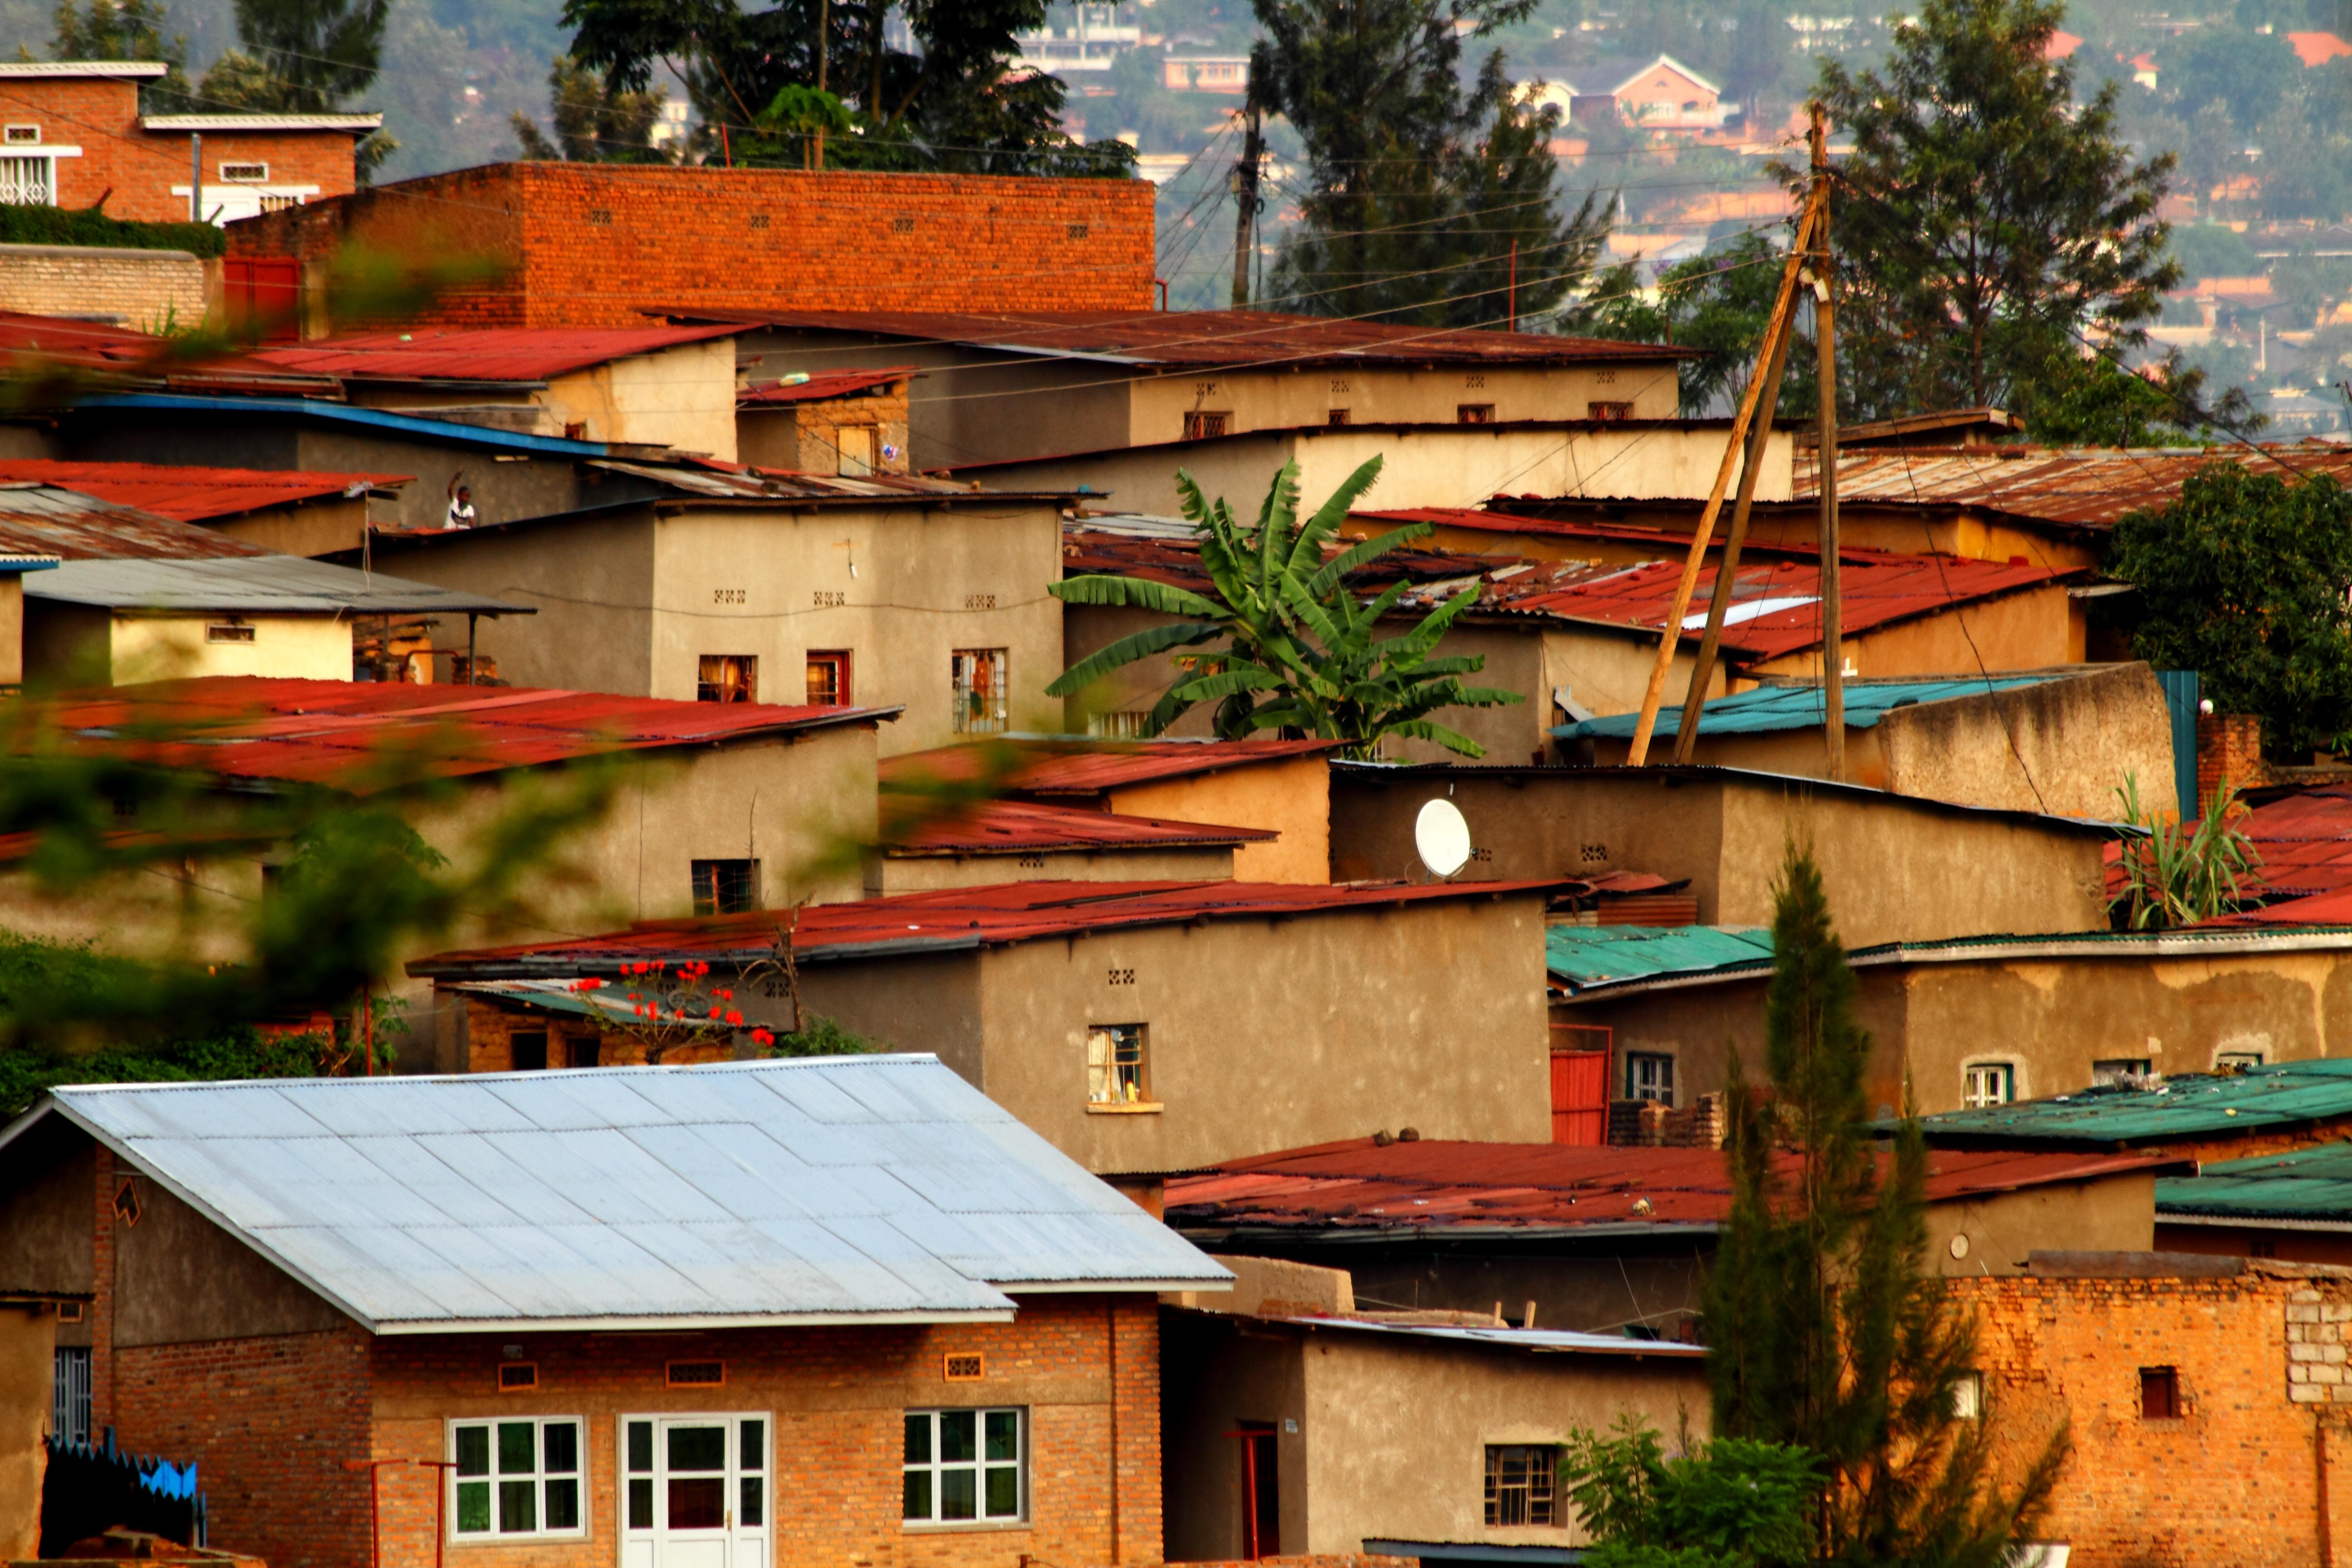 Local homes in Kigali, Rwanda